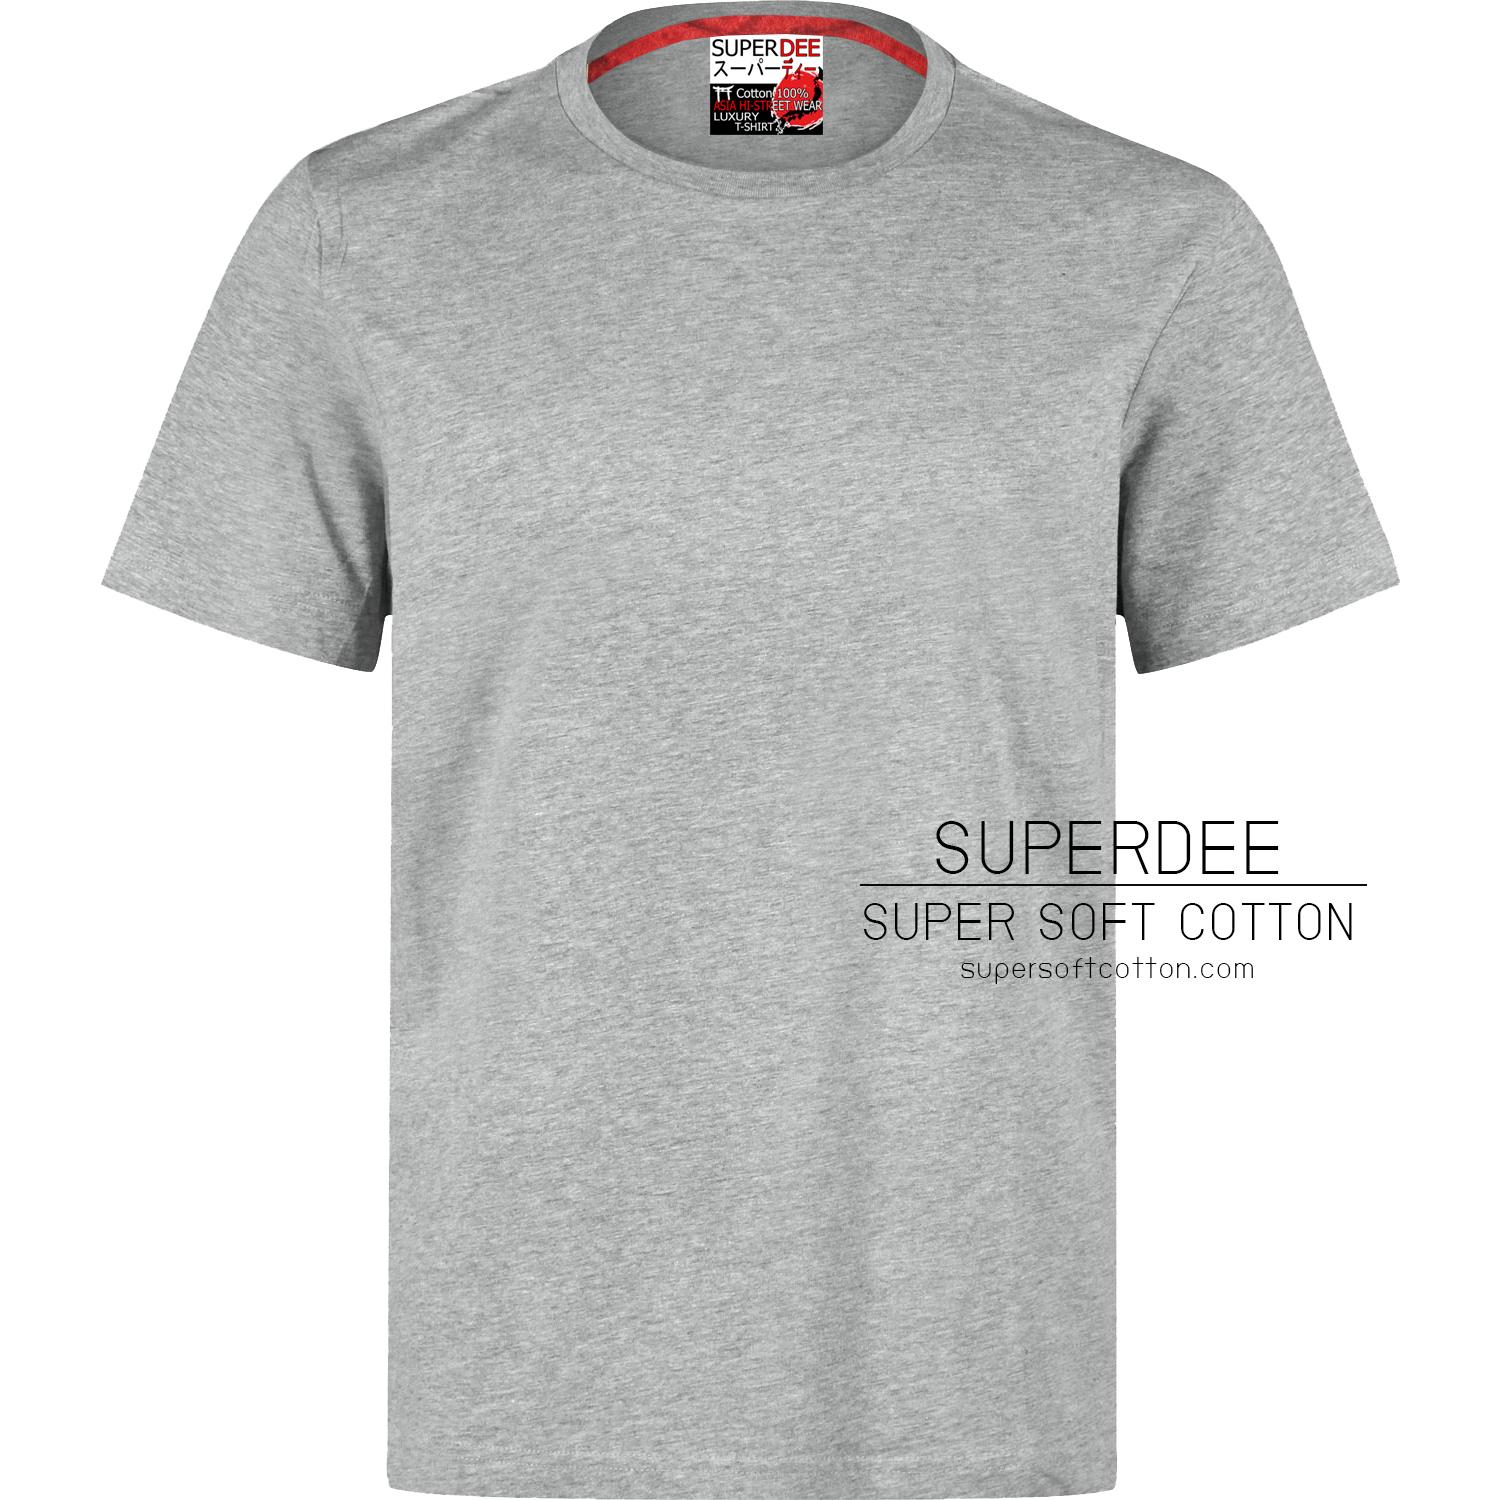 เสื้อยืดสีขาวซุปเปอร์ซอฟท์ Super Soft Grey Round Neck Tshirt สำเนา